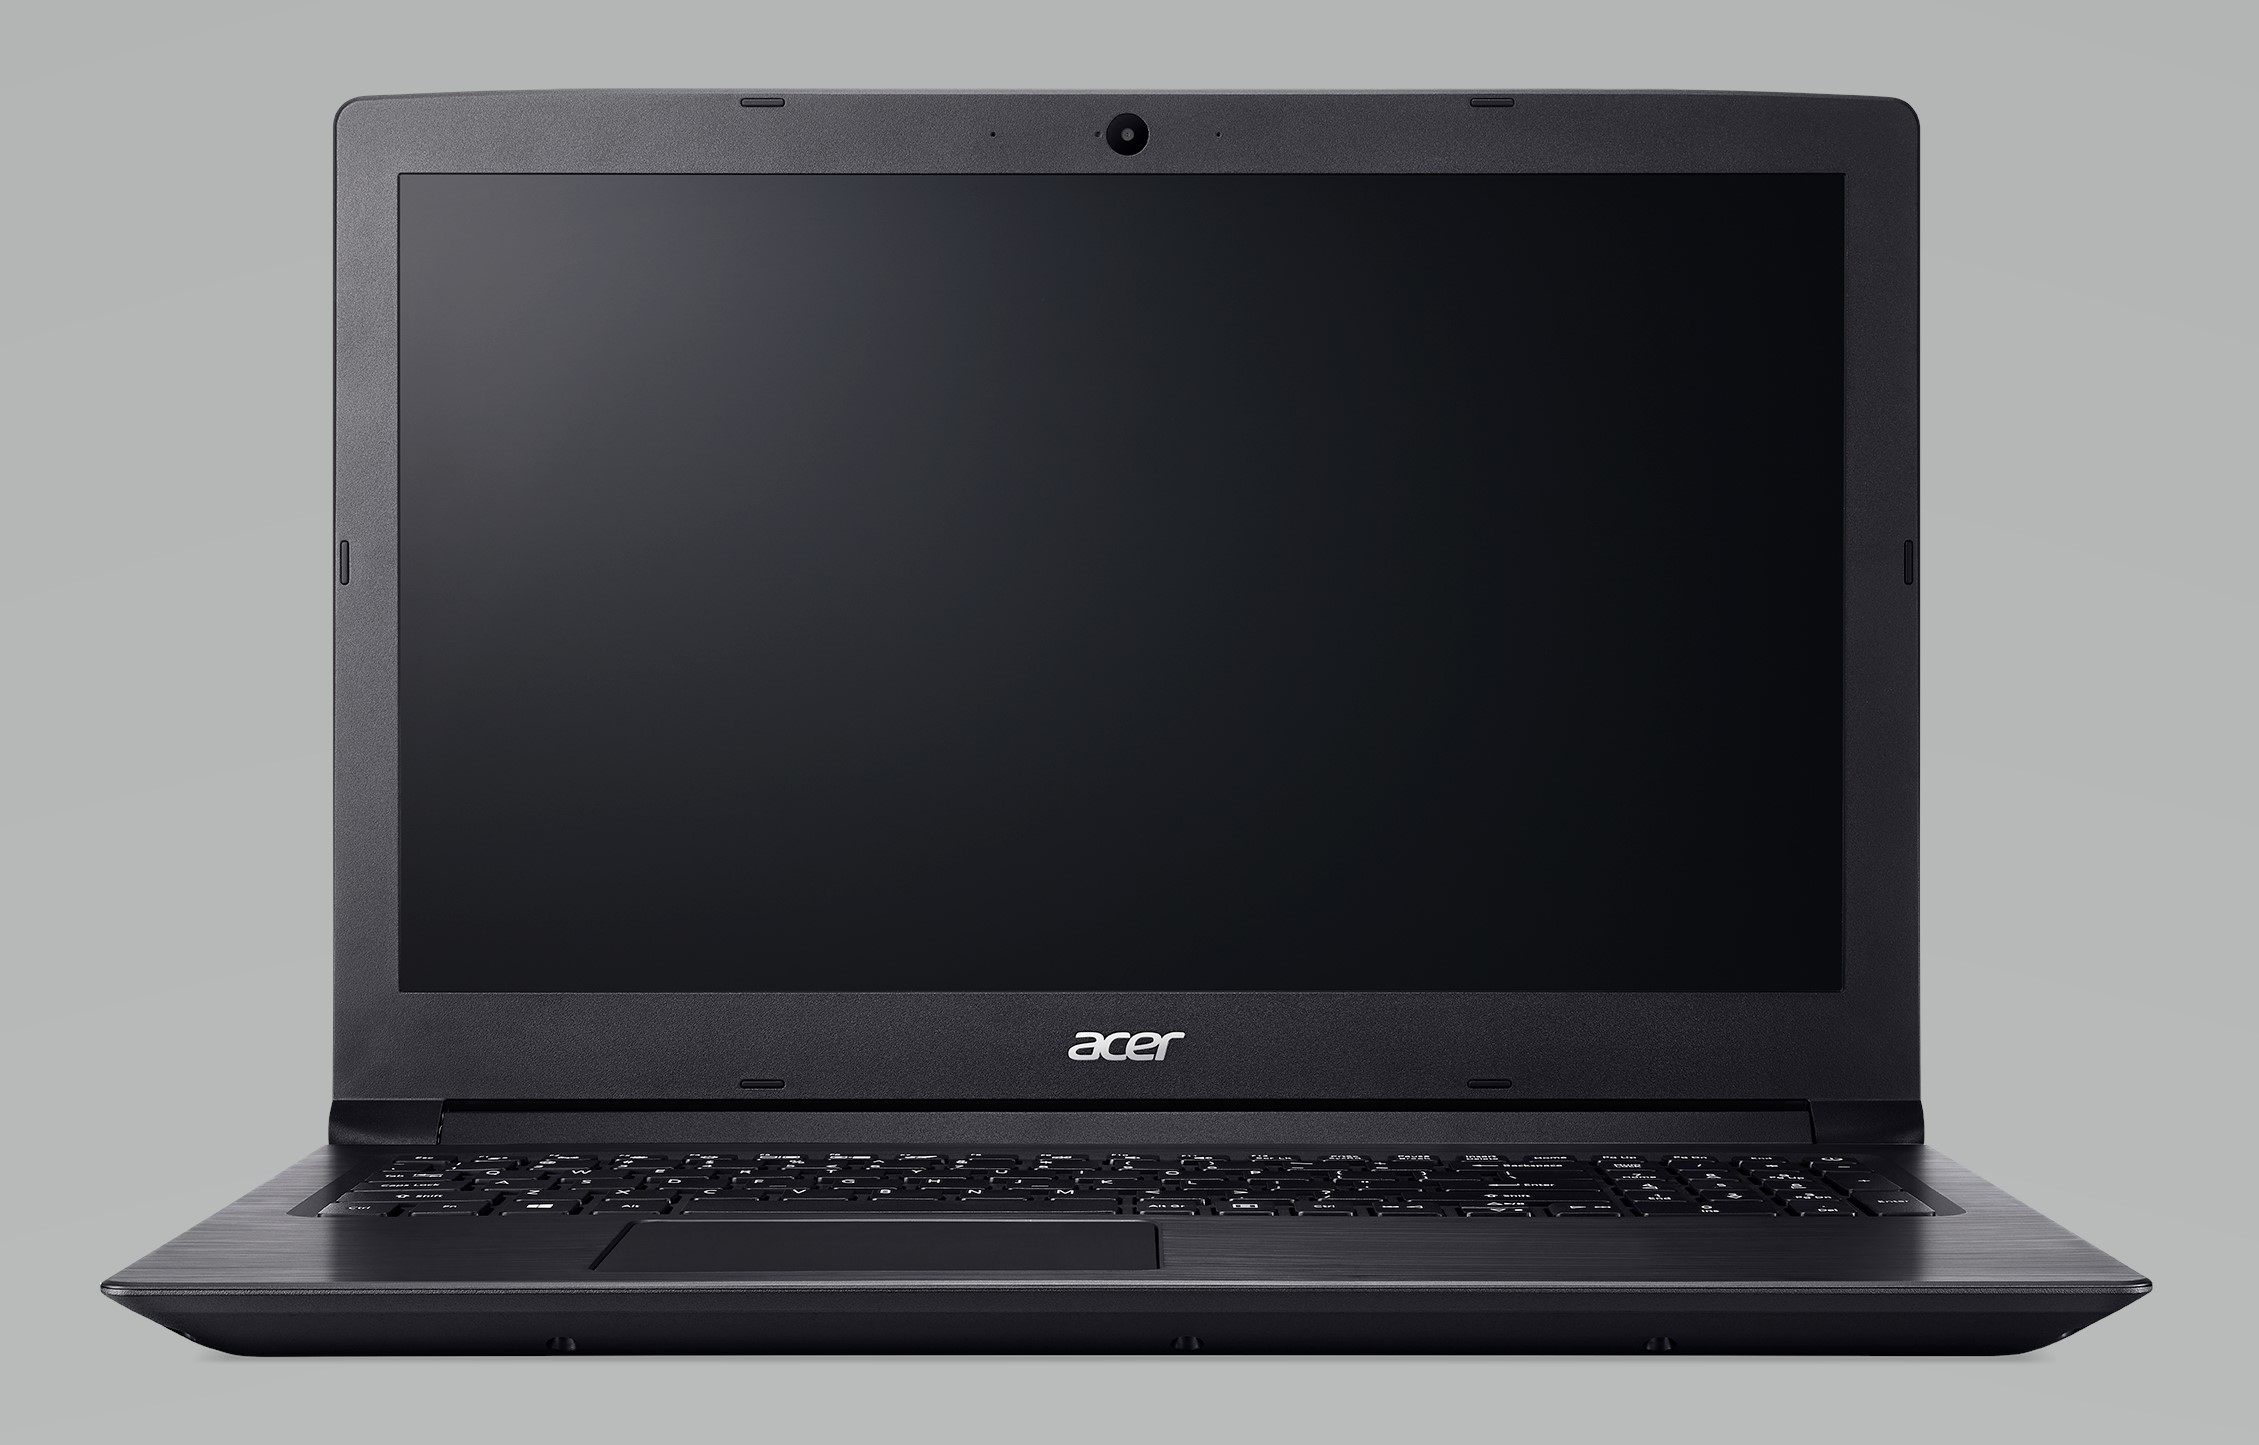 Acer Aspire 3 A315-41-R11M